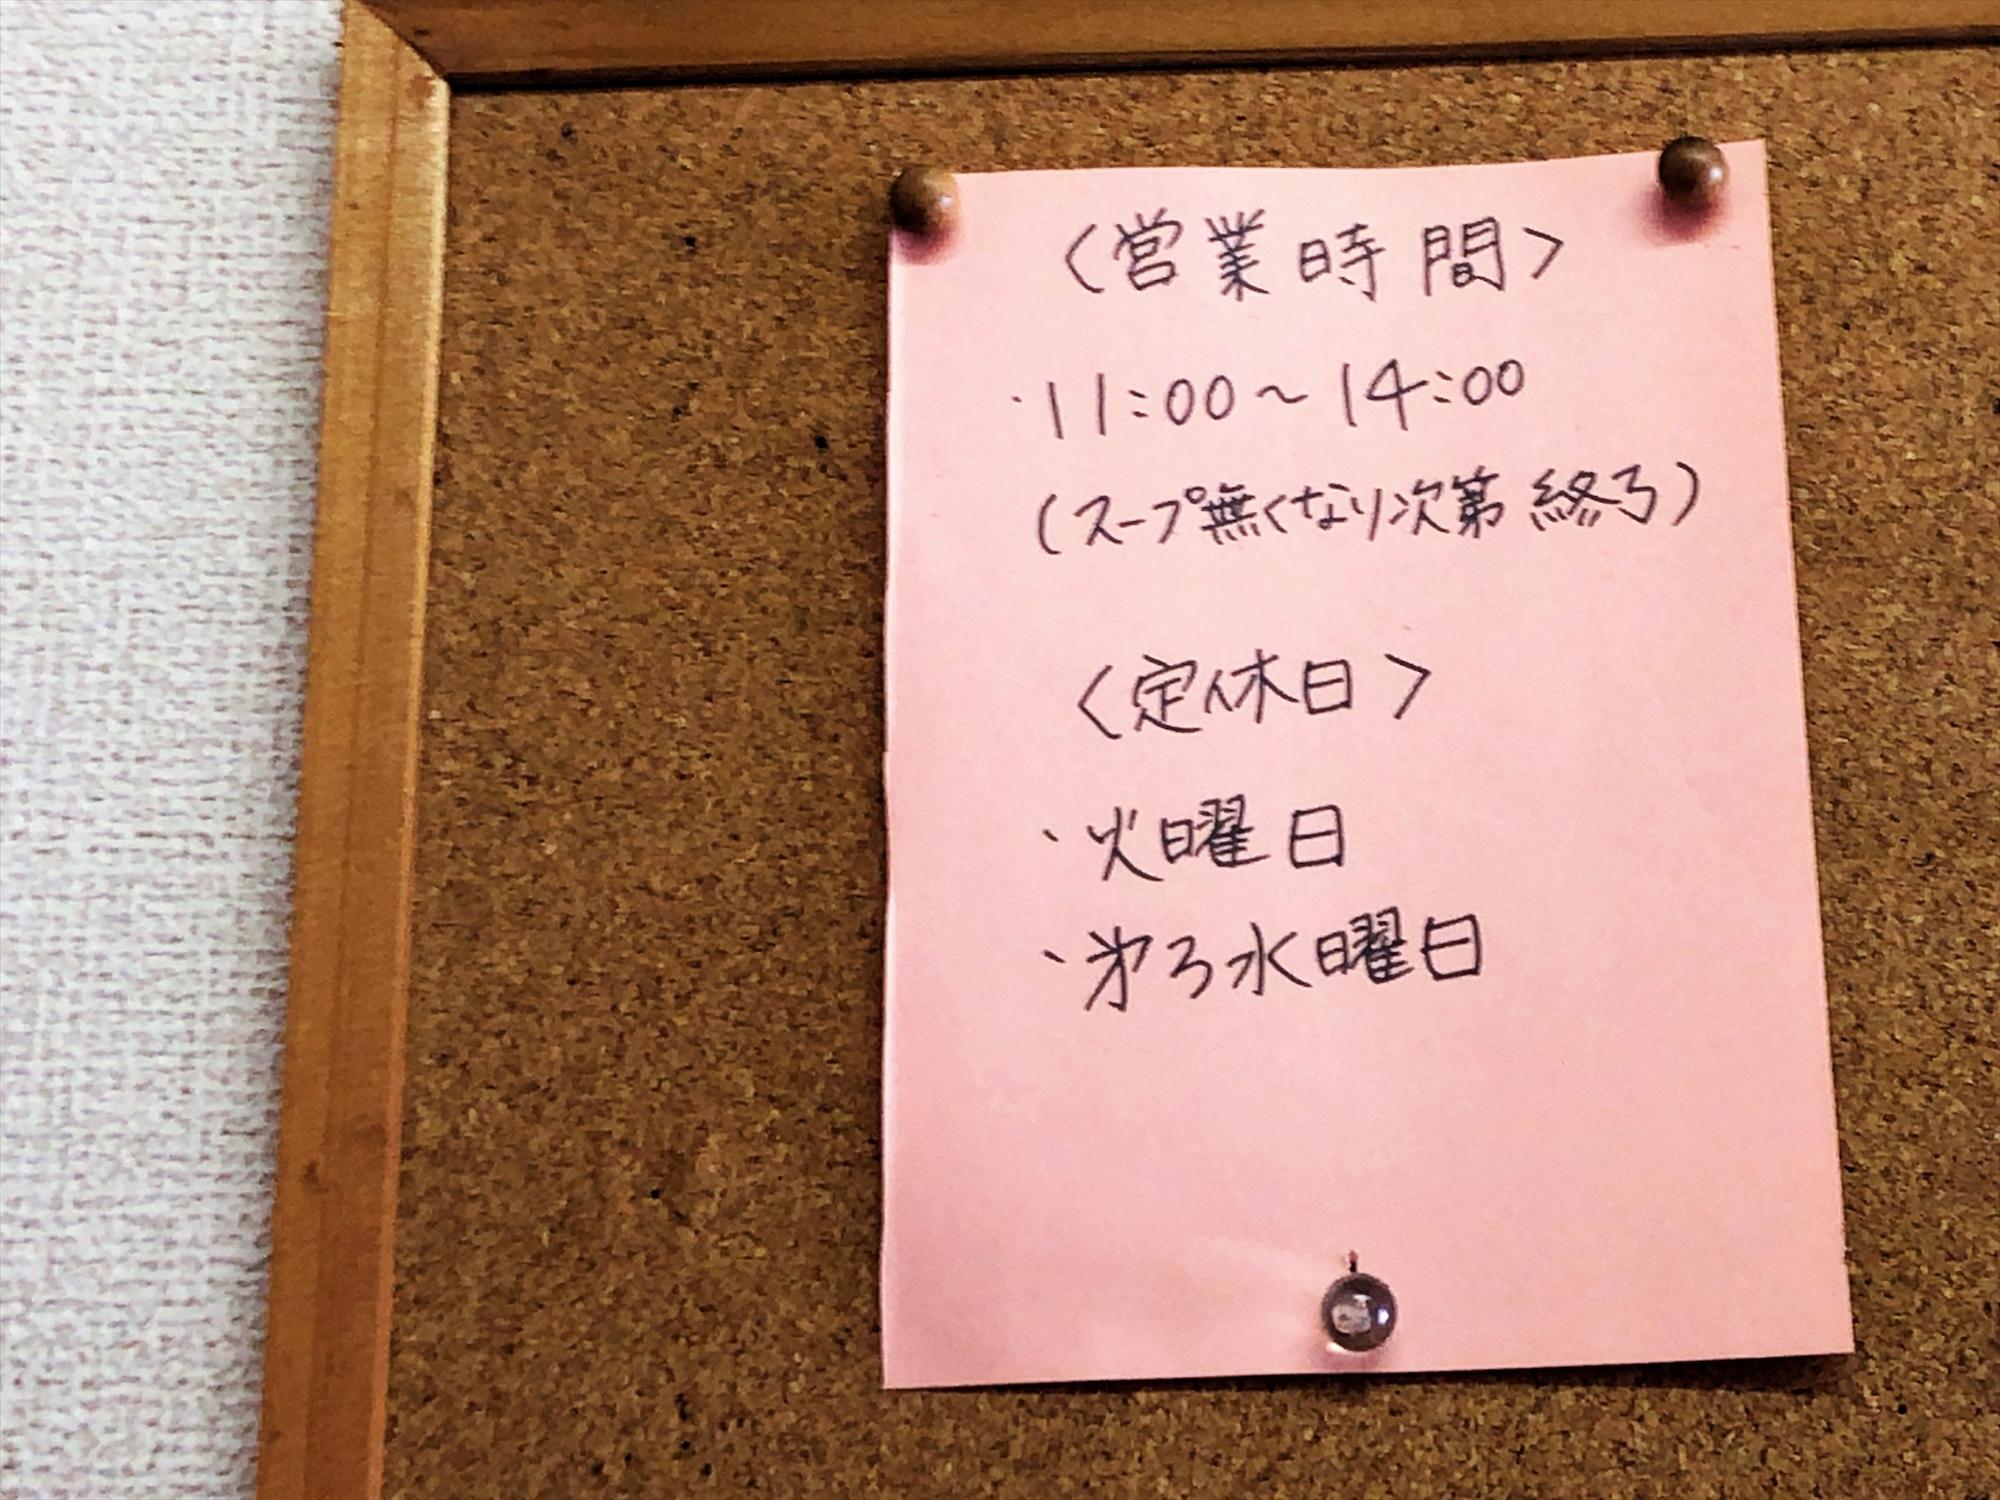 ラーメン 田島の営業時間